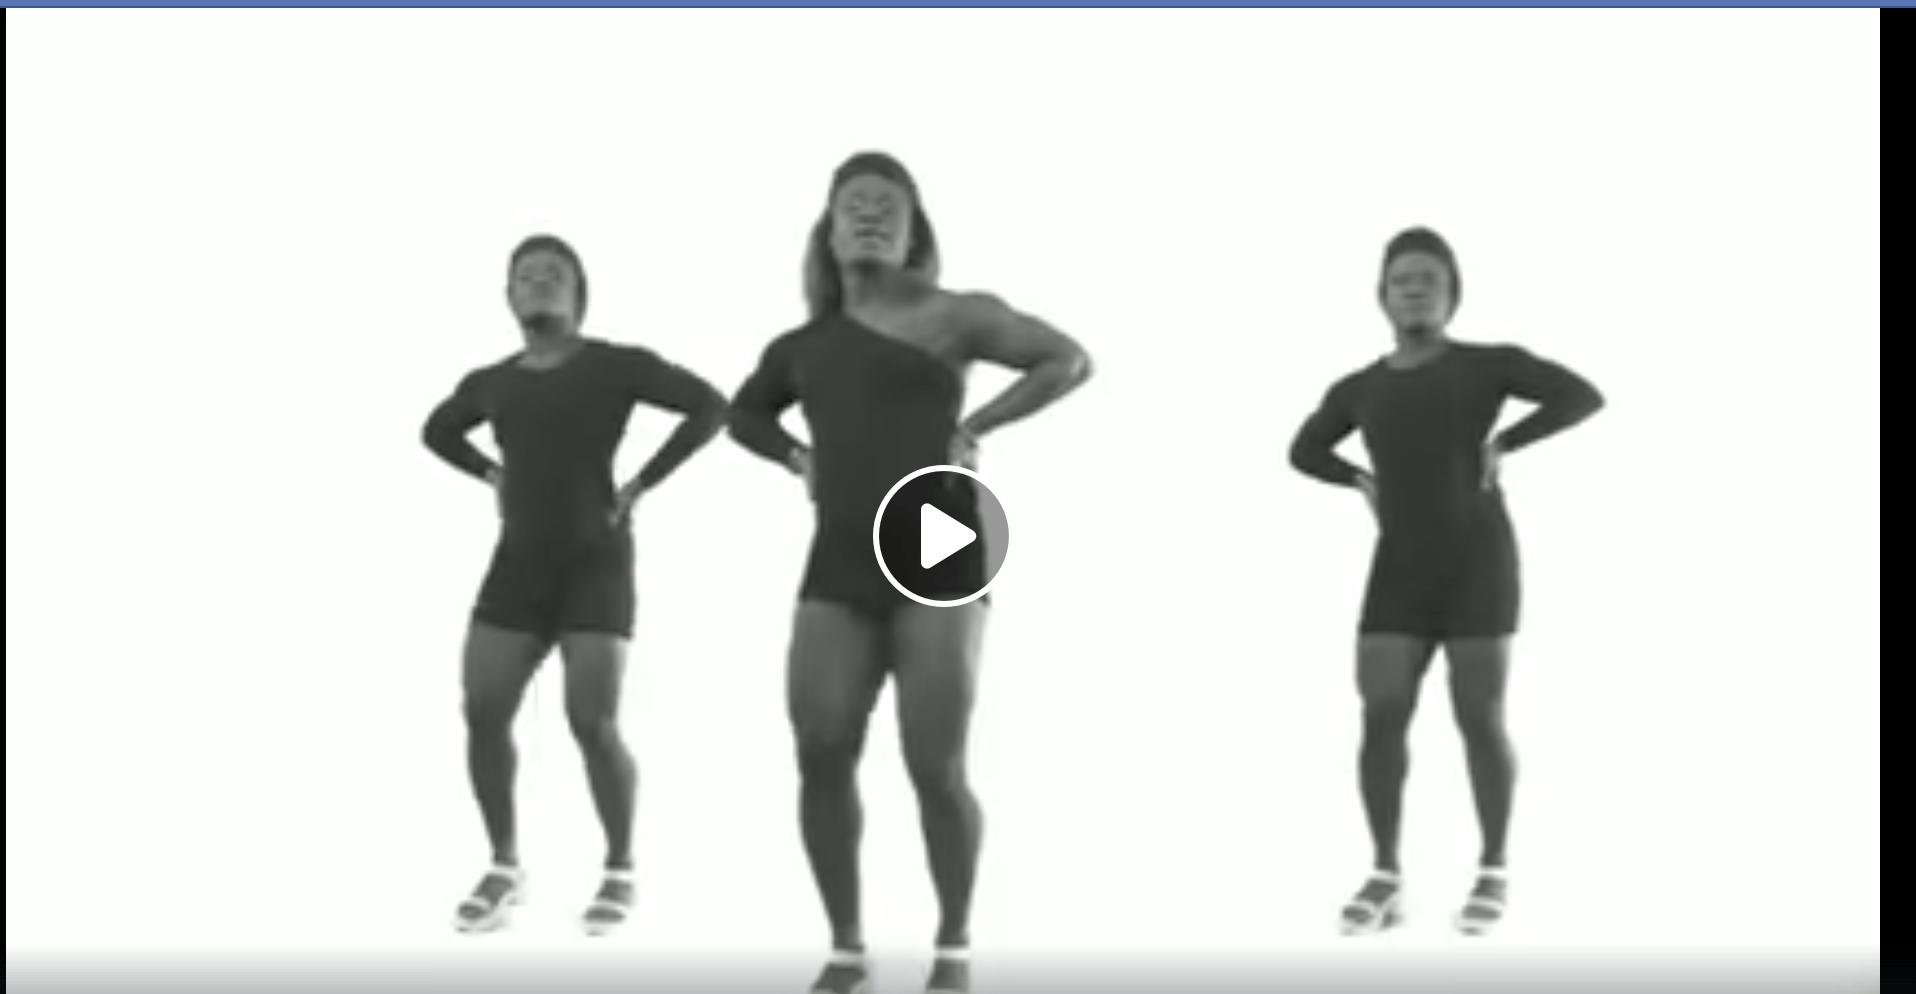 Scandale s3xuel: L'Excès assume son côté gay dans une nouvelle vidéo